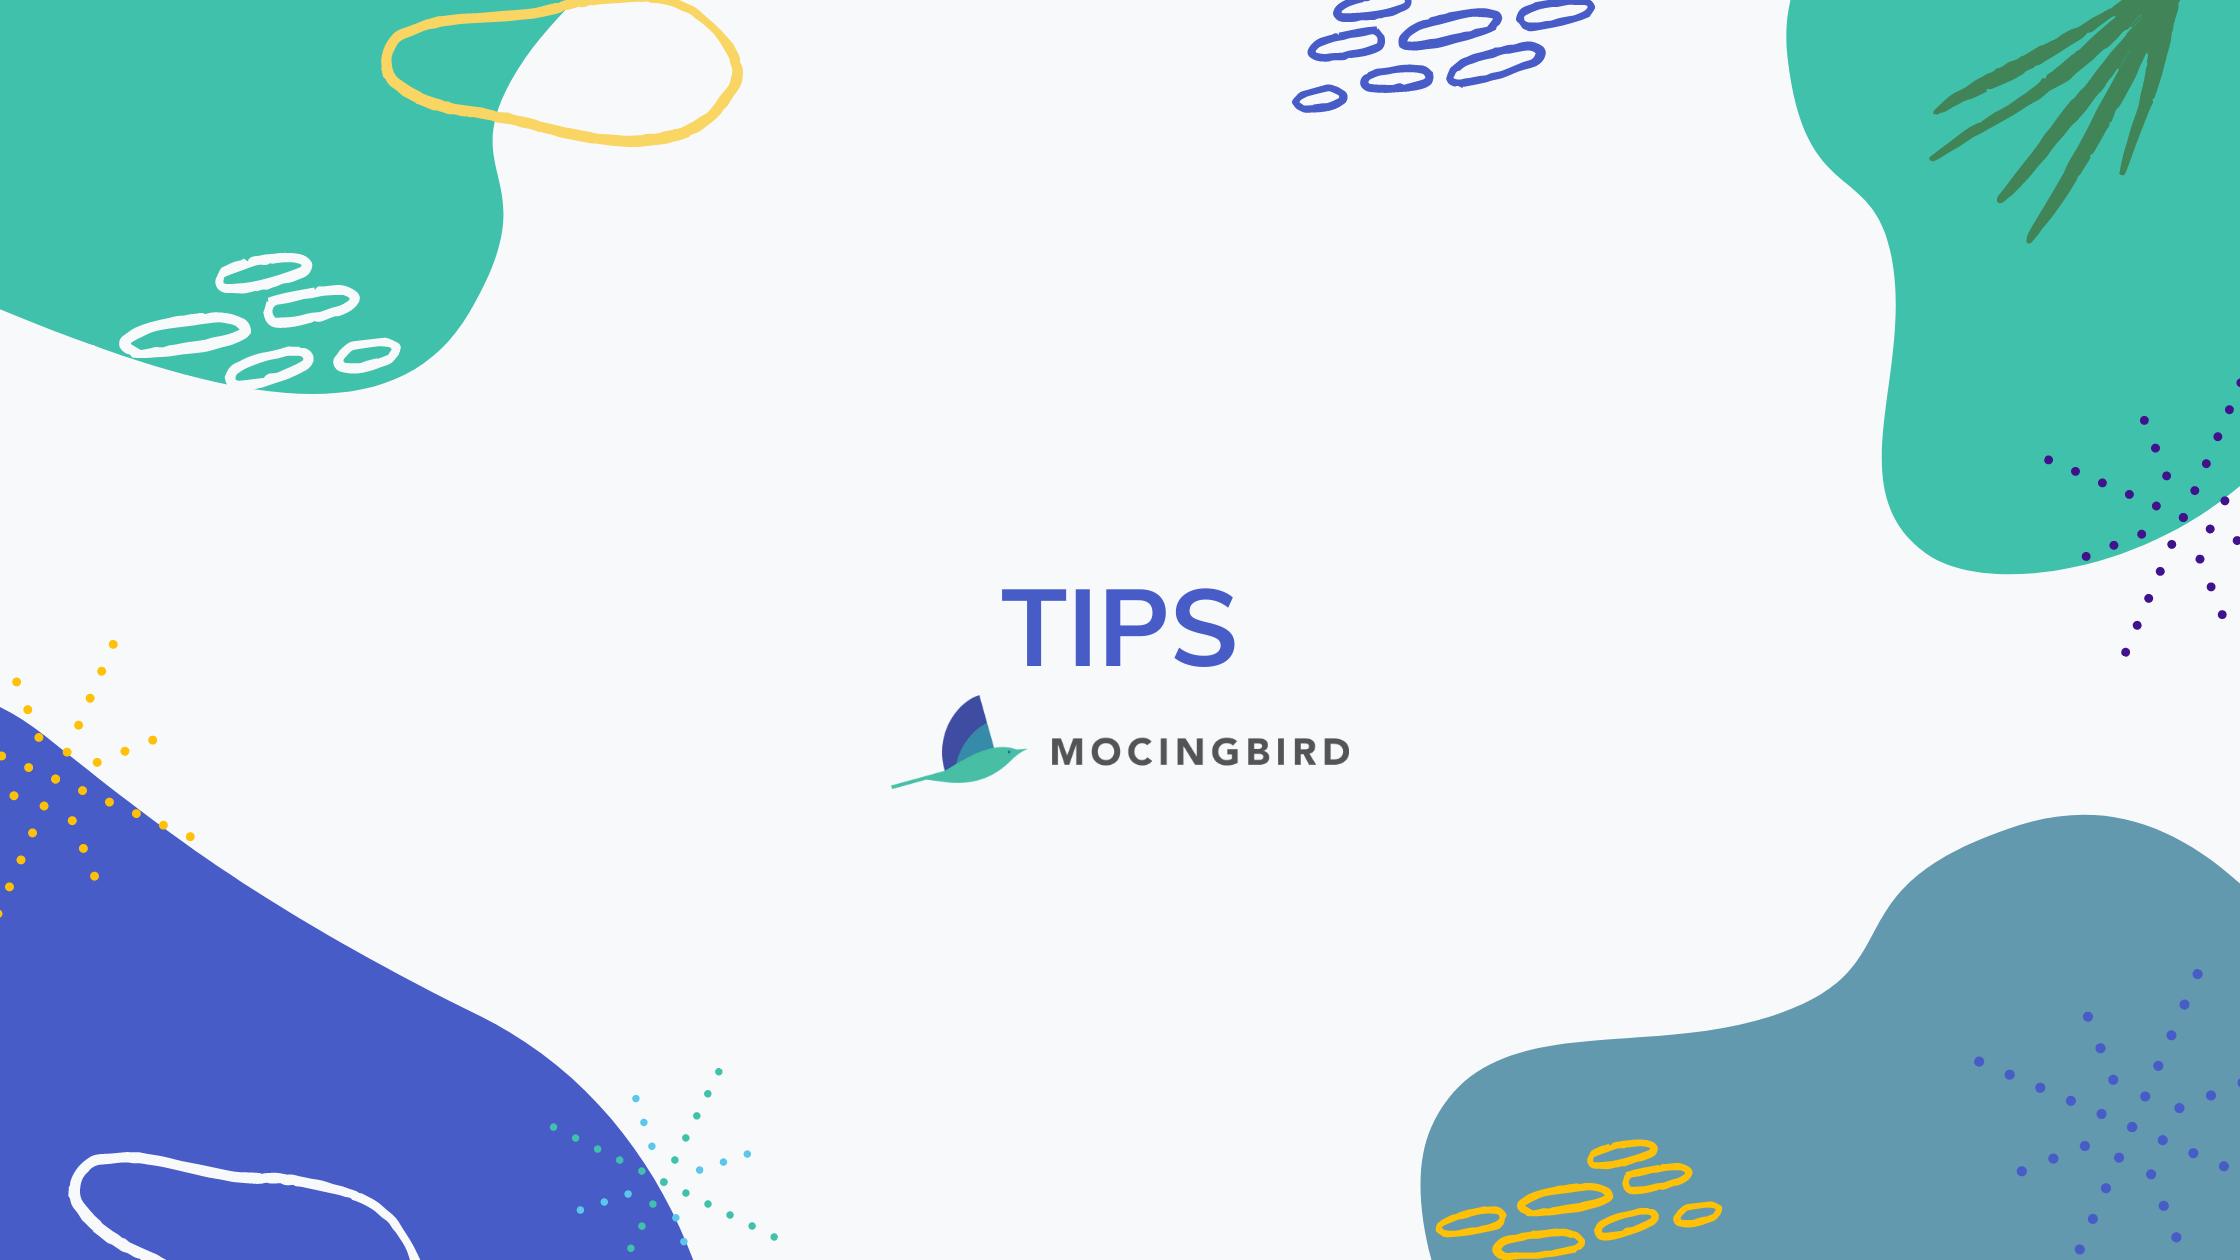 Mocingbird Tips